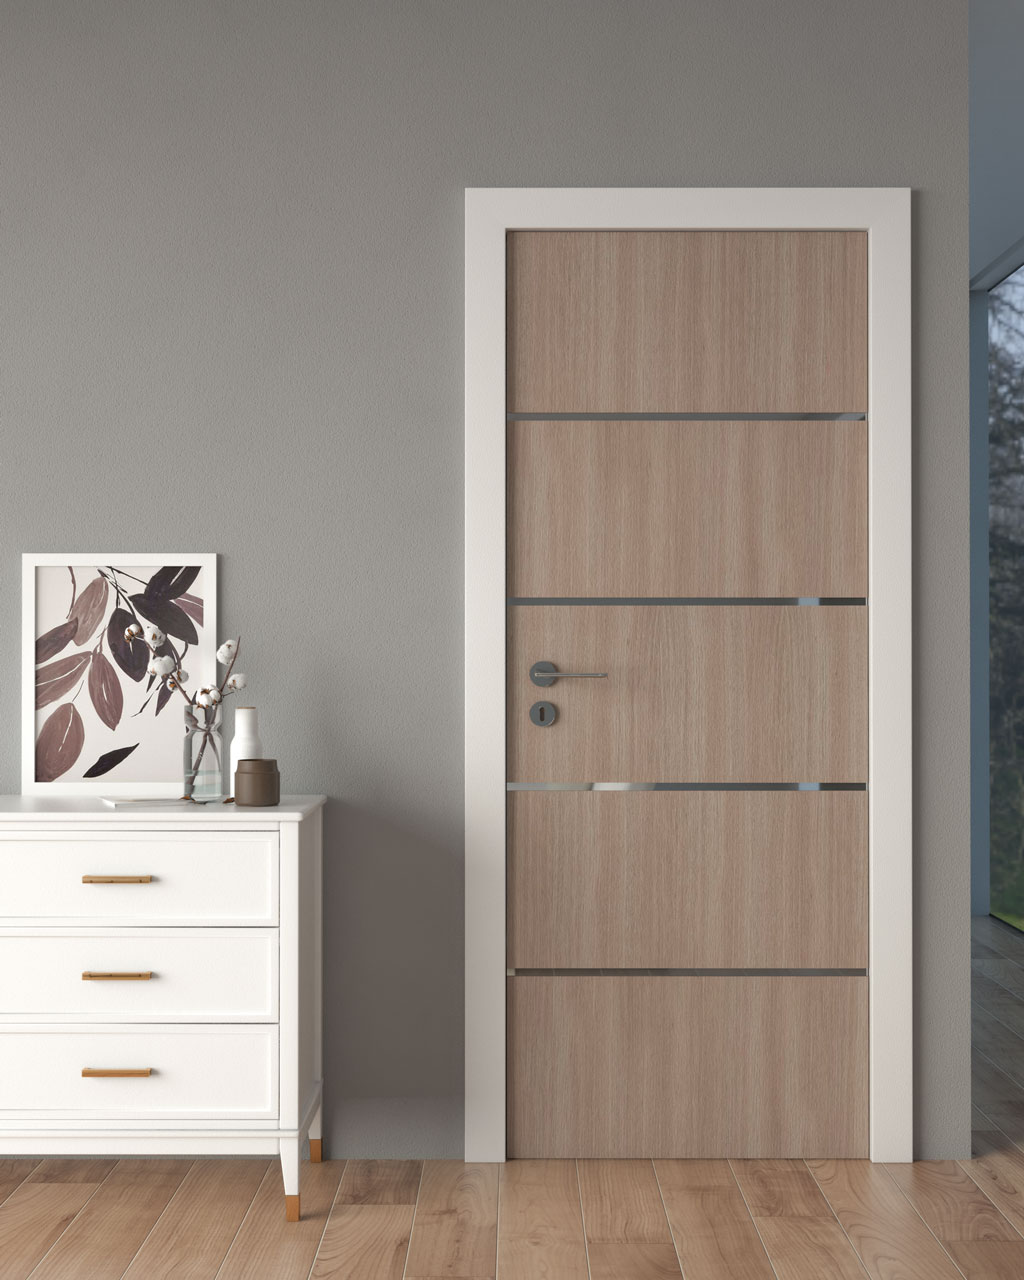 Brown wooden door with gray walls